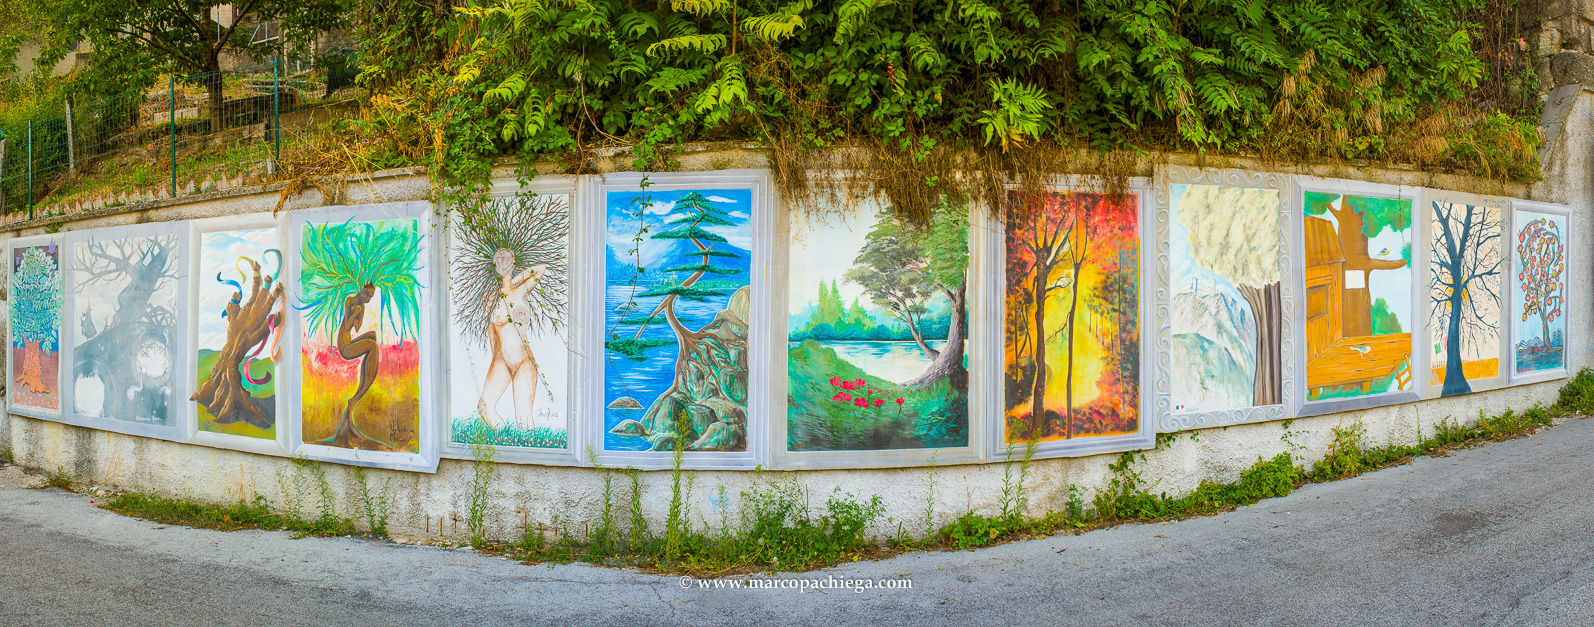 The Cacciano murals